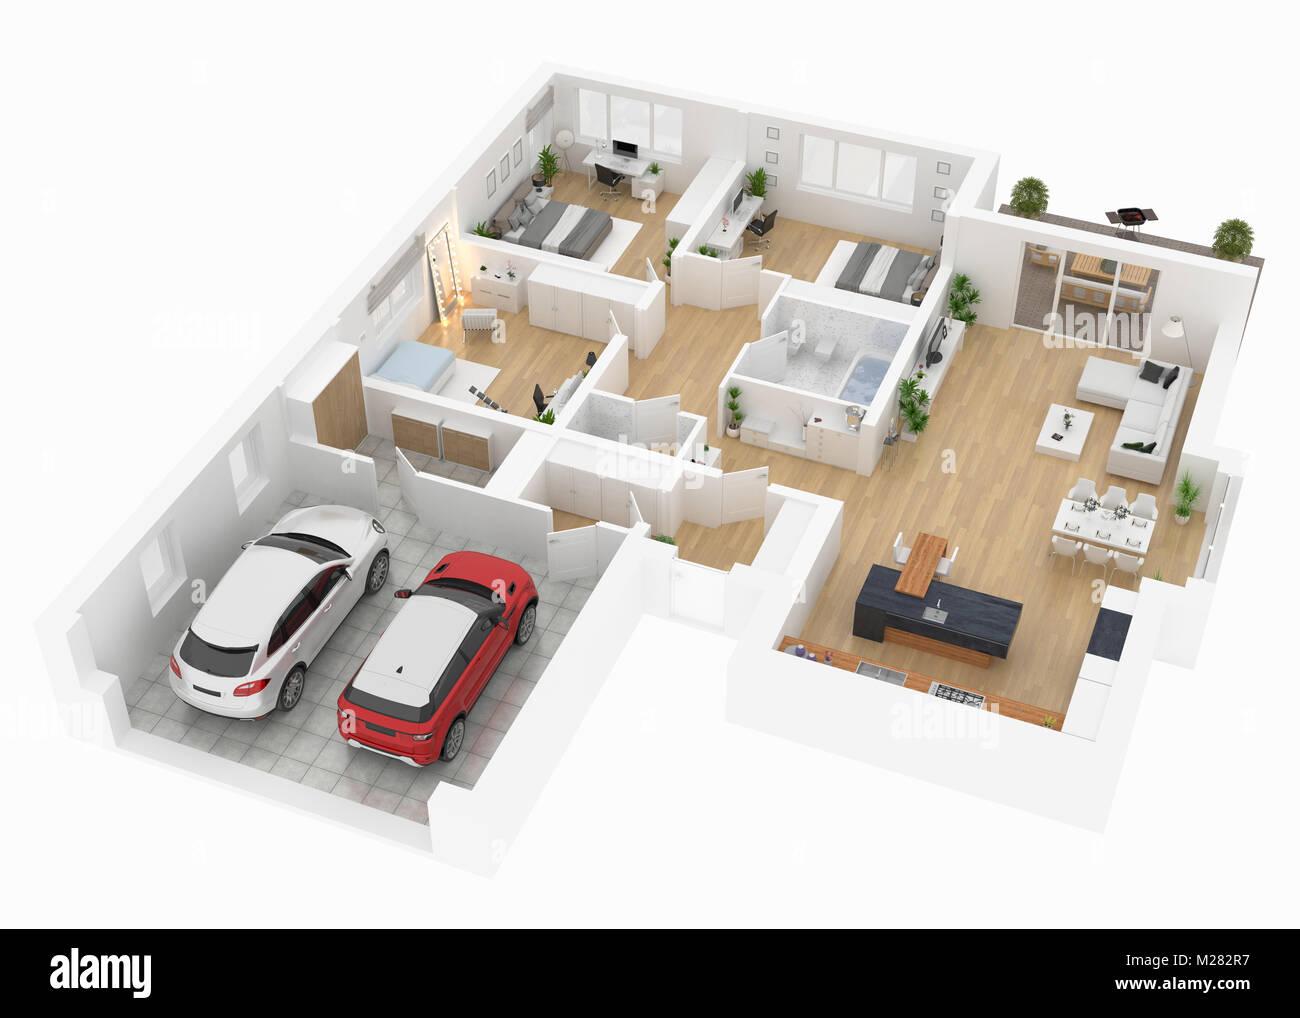 Plan Du Salon Vue D En Haut Interieur Maison Isole Sur Fond Blanc